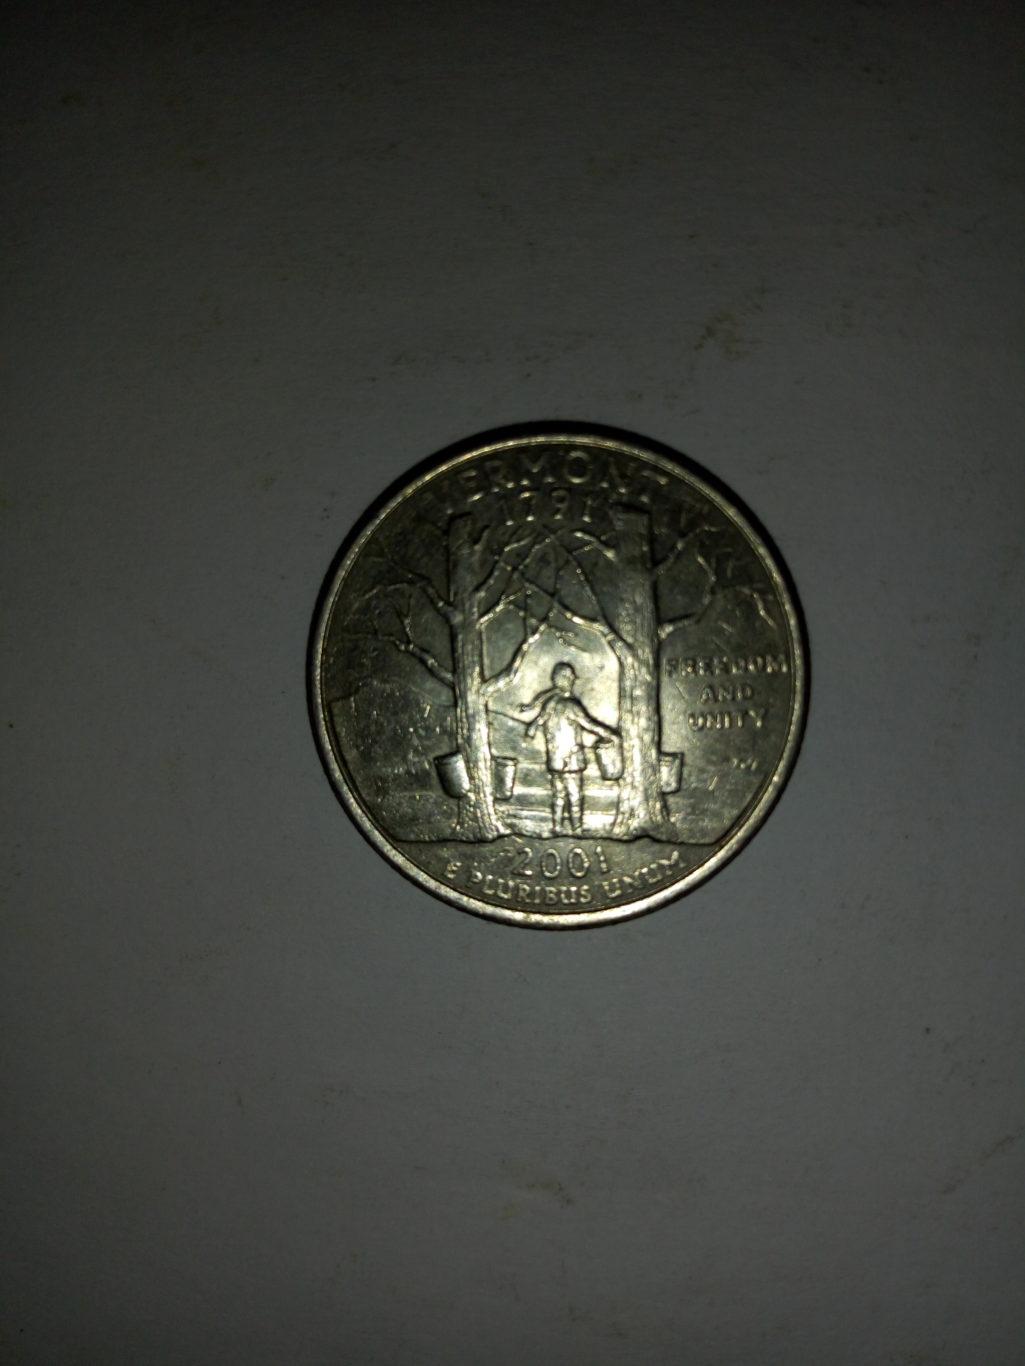 1791_united States of America quarter dollar